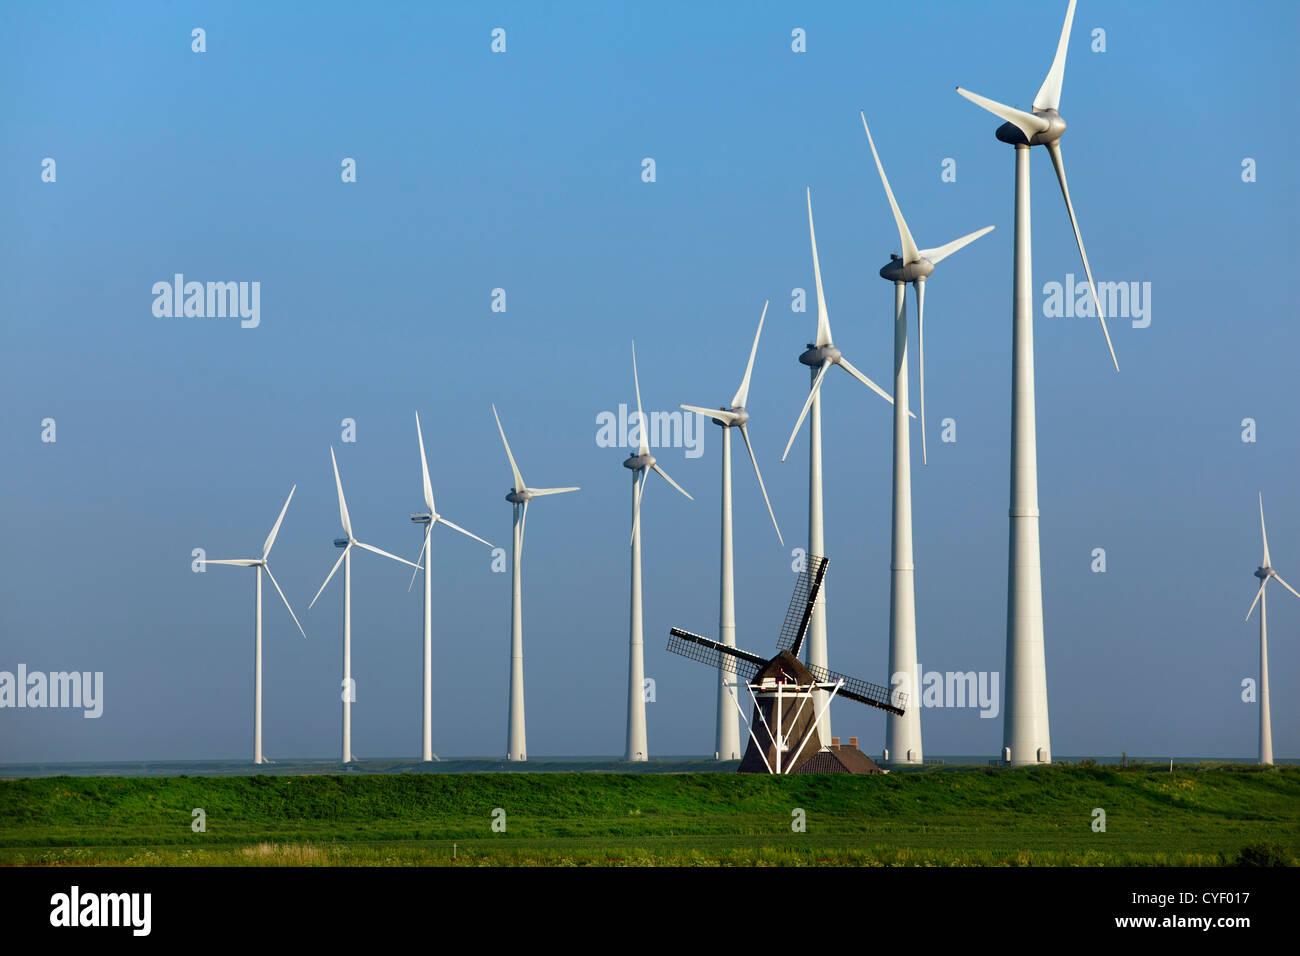 Emsmündung, Eemshaven, Windkraftanlagen und traditionelle Windmühle. Stockbild